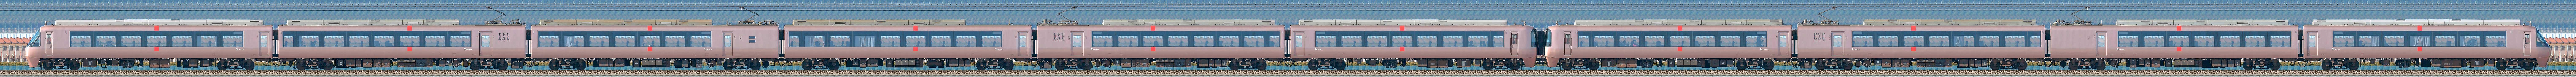 小田急30000形ロマンスカー「EXE」30054×4+30254×6(海側)の編成サイドビュー